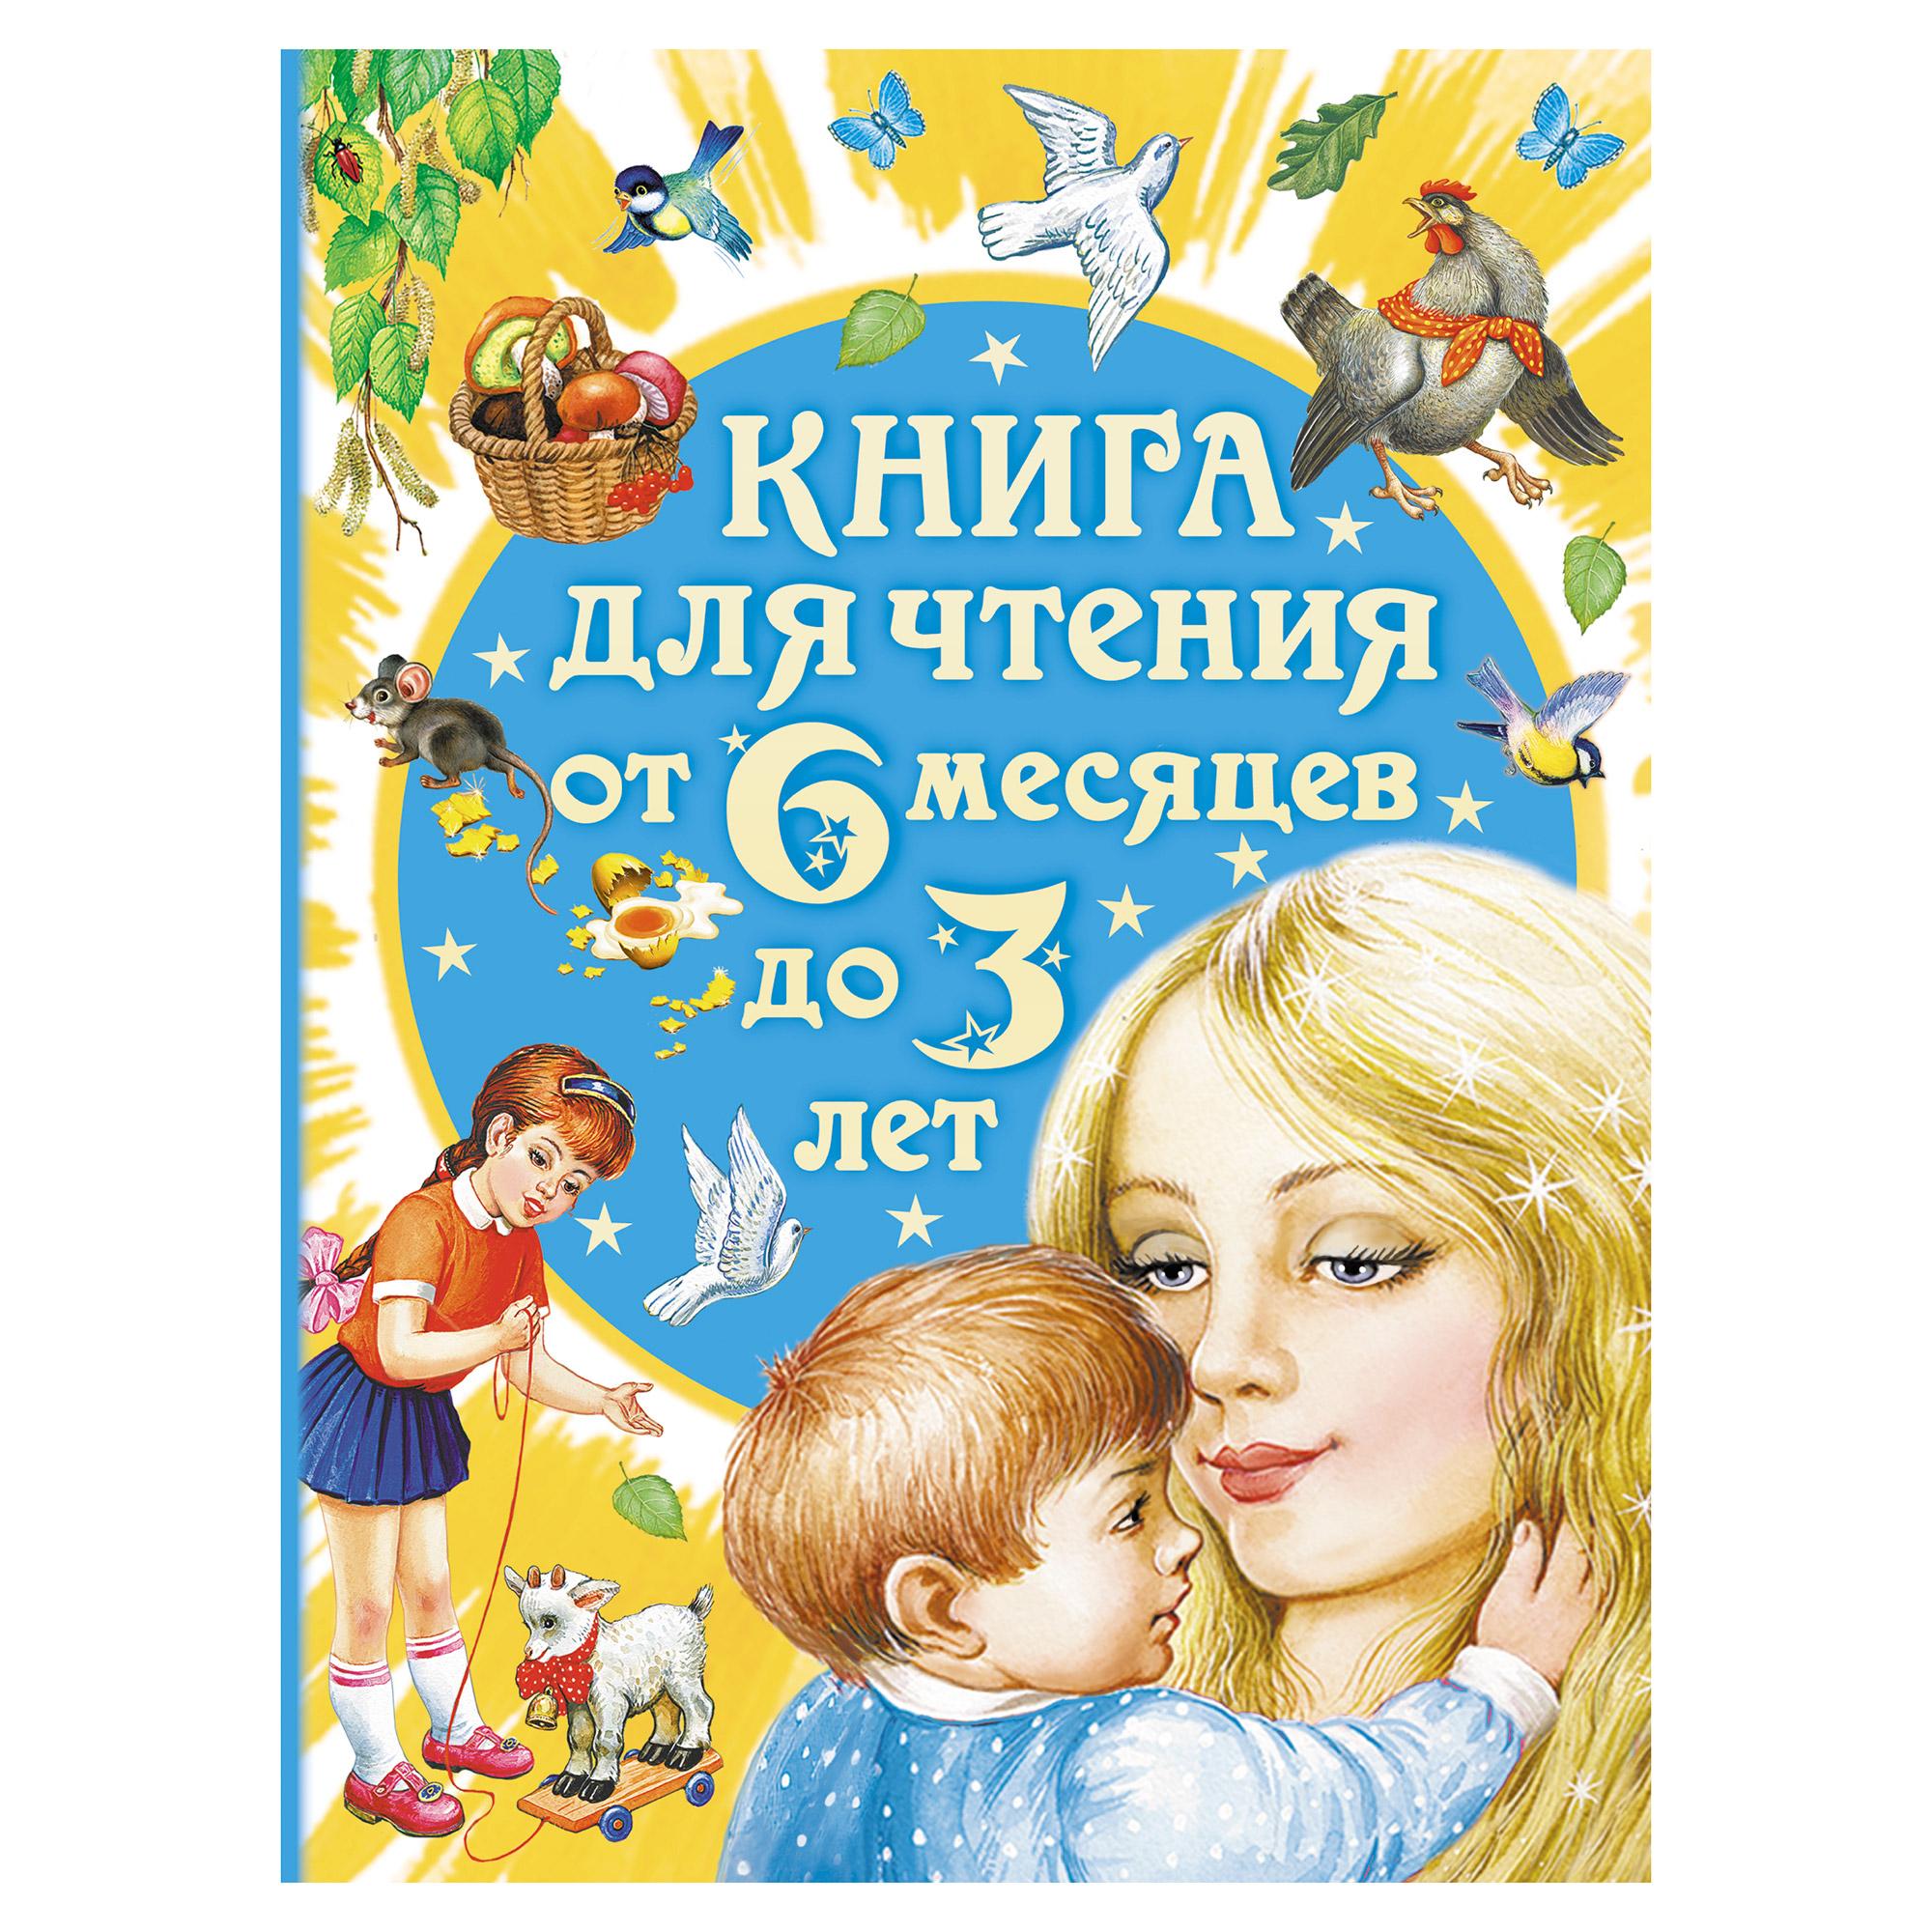 Купить Книга АСТ для чтения от 6 месяцев до 3 лет,